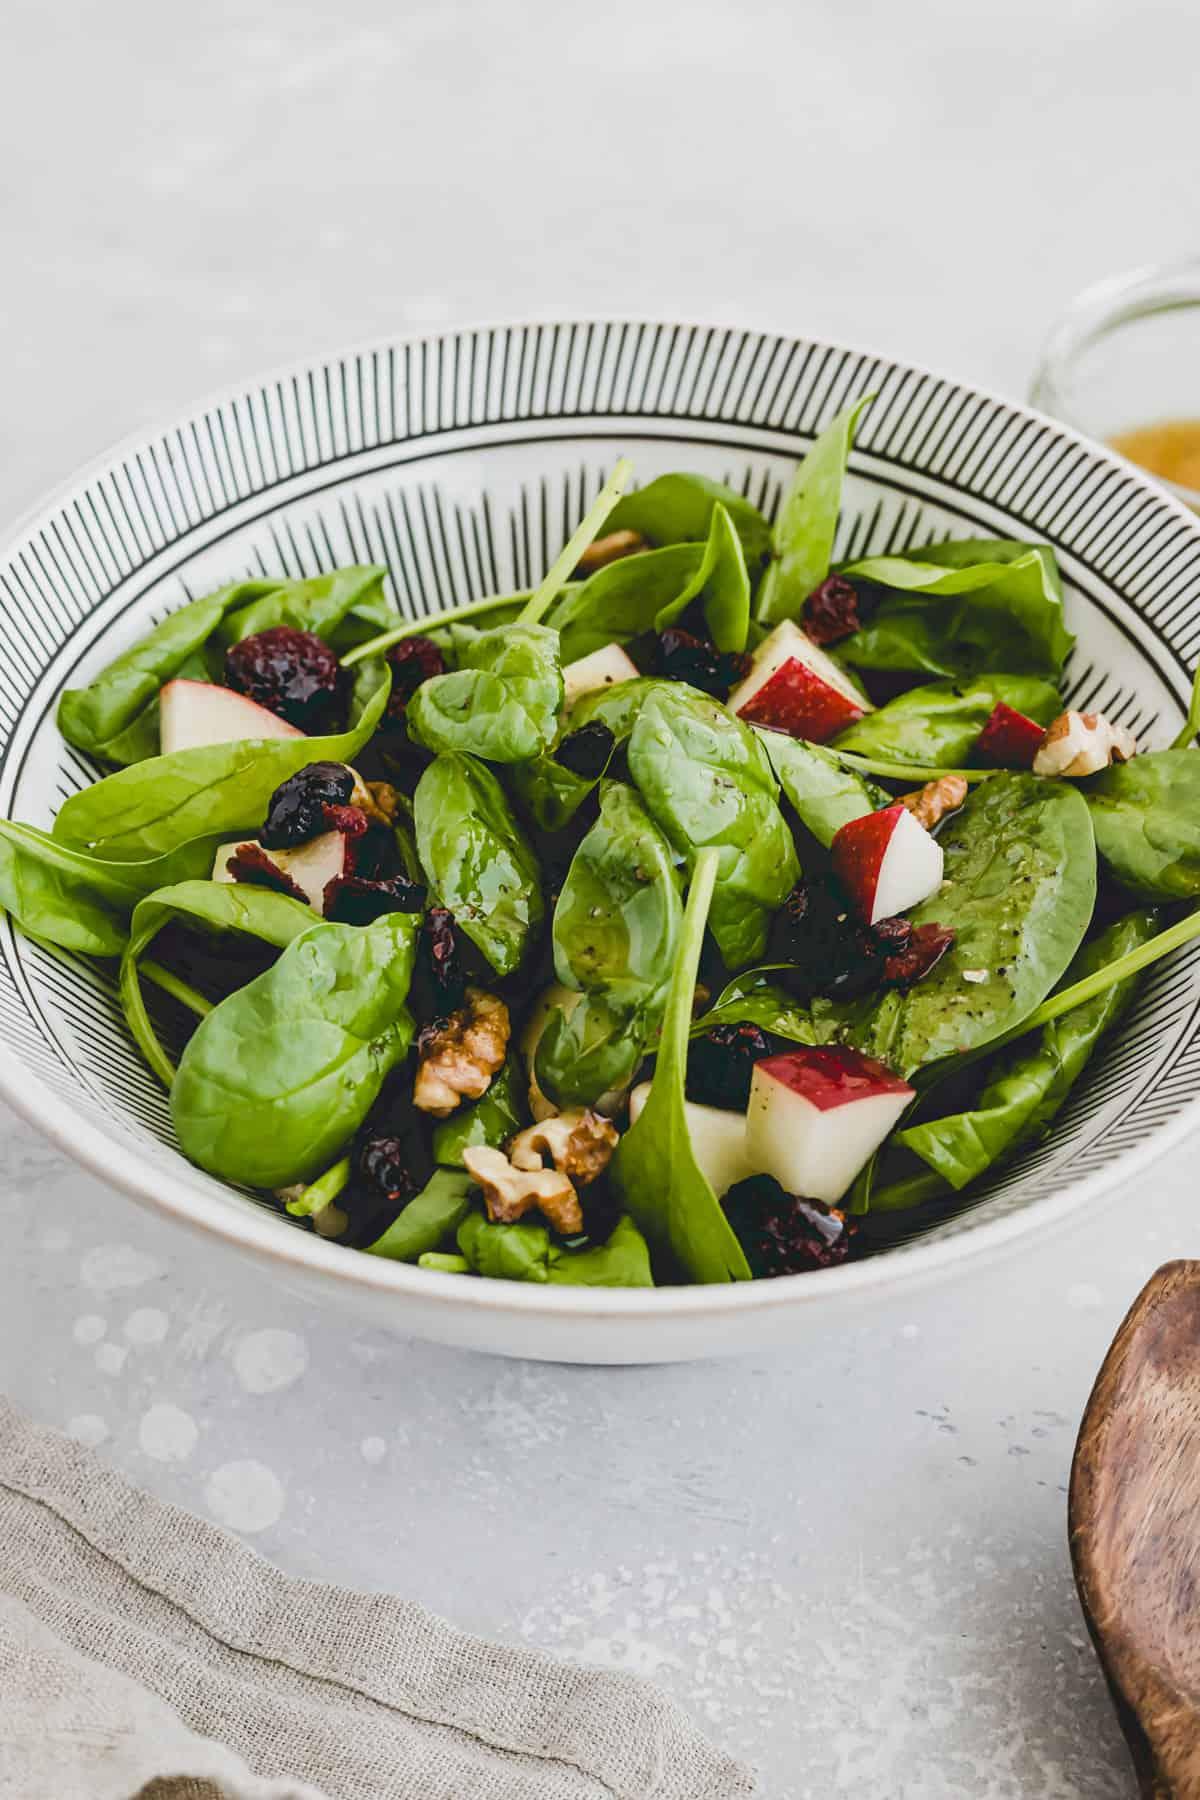 spinatsalat mit apfel, walnuss, cranberry in einer schüssel